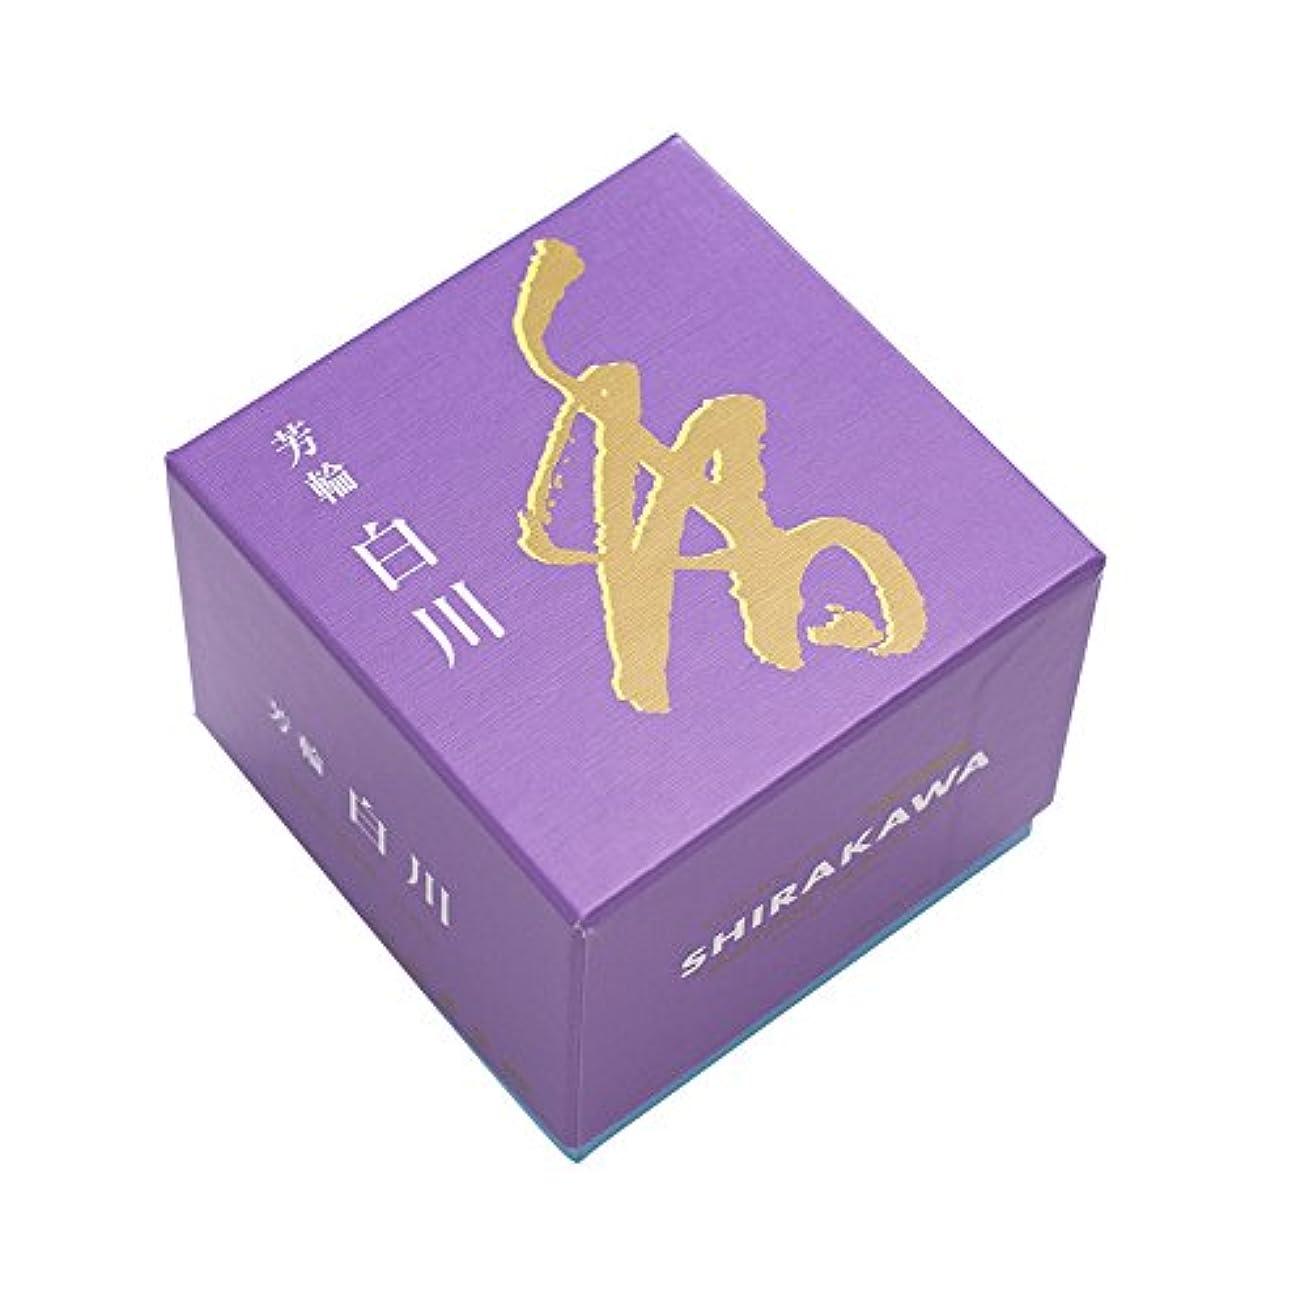 誤ってパニック支払い松栄堂のお香 芳輪白川 渦巻型10枚入 うてな角型付 #210621